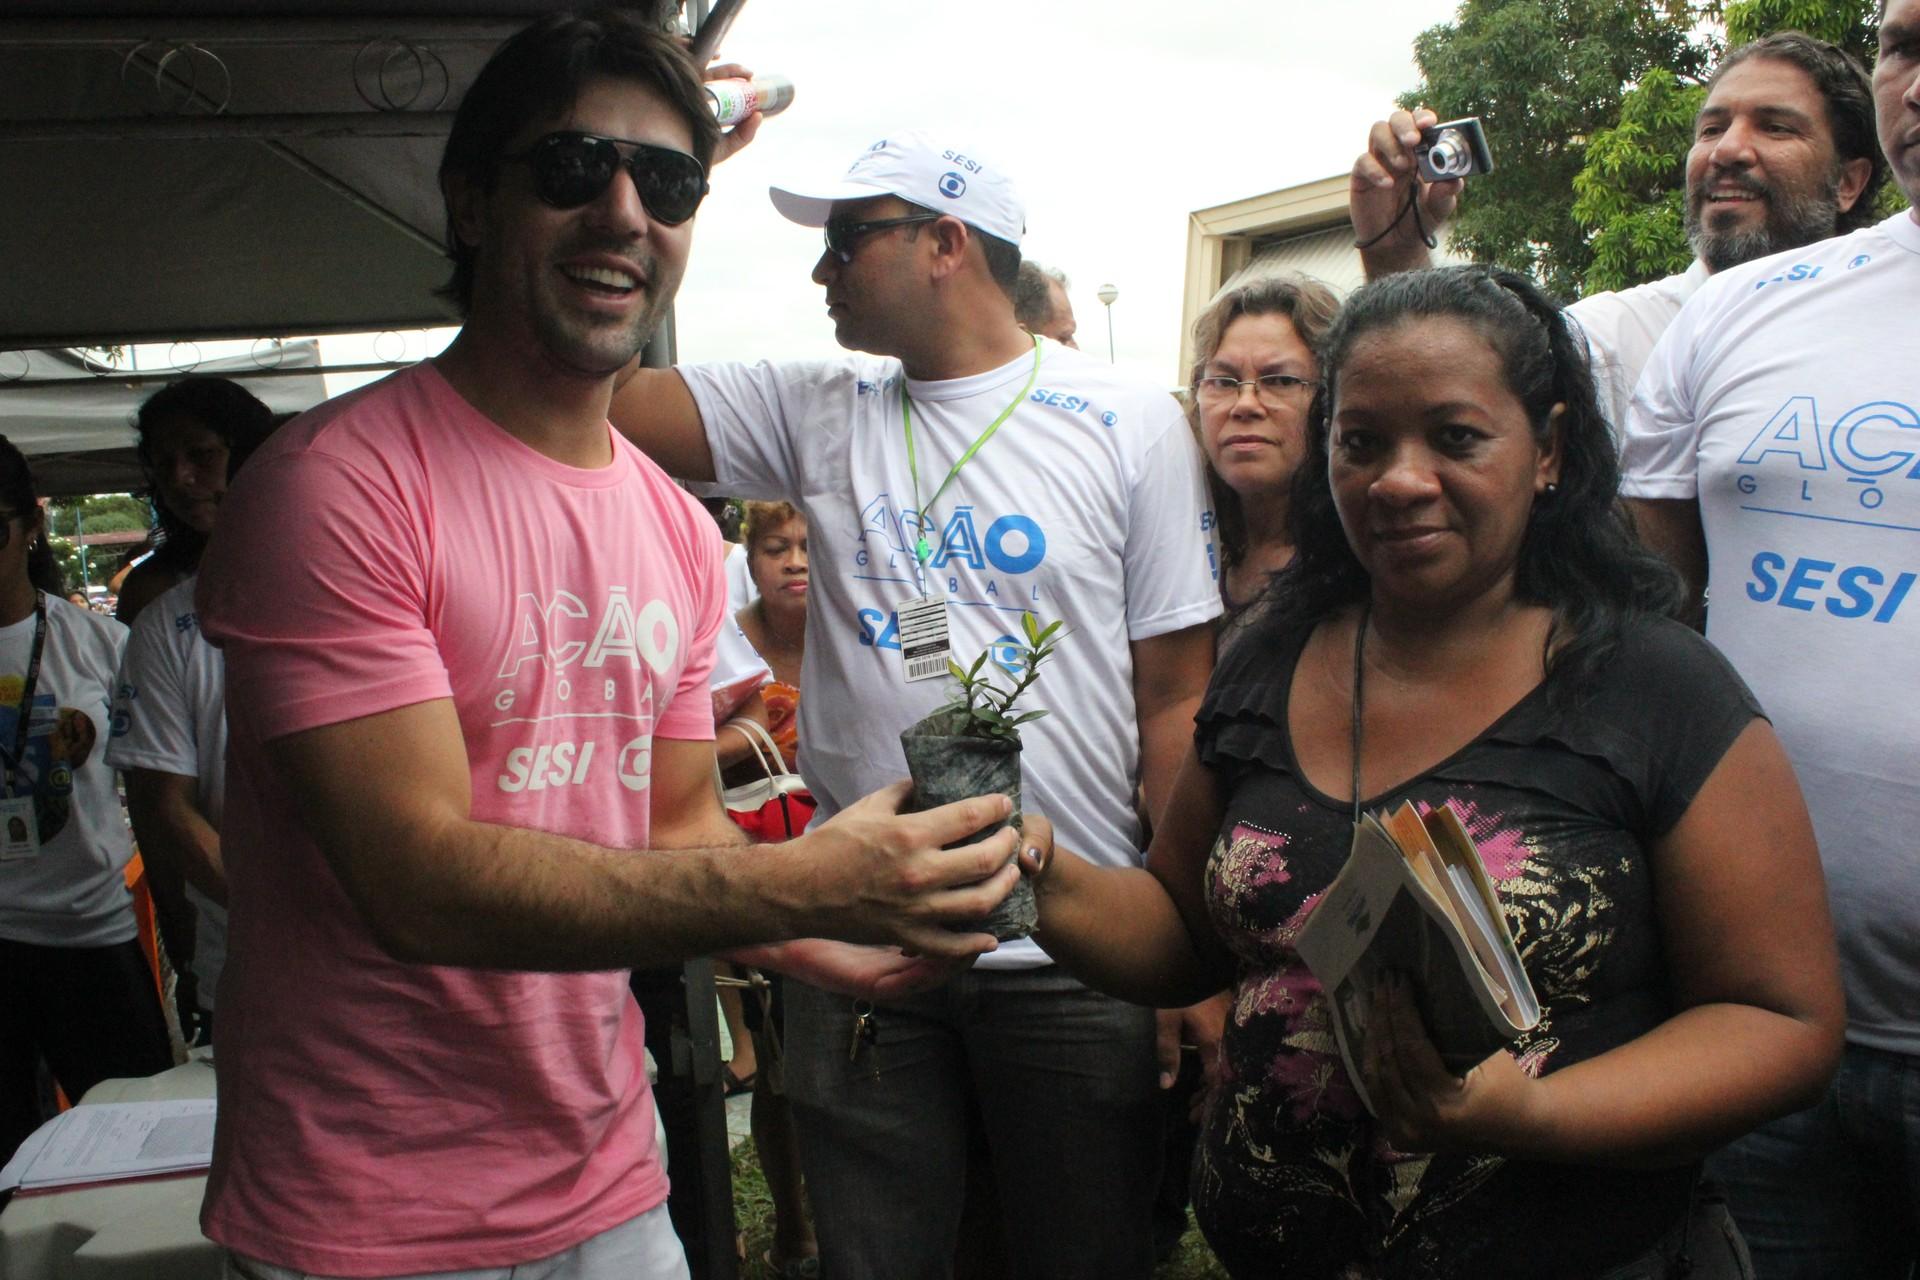 Ator Sandro Pedroso entregando mudas de plantas, na Ação Global, em Manaus (Foto: Katiúscia Monteiro/Rede Amazônica)